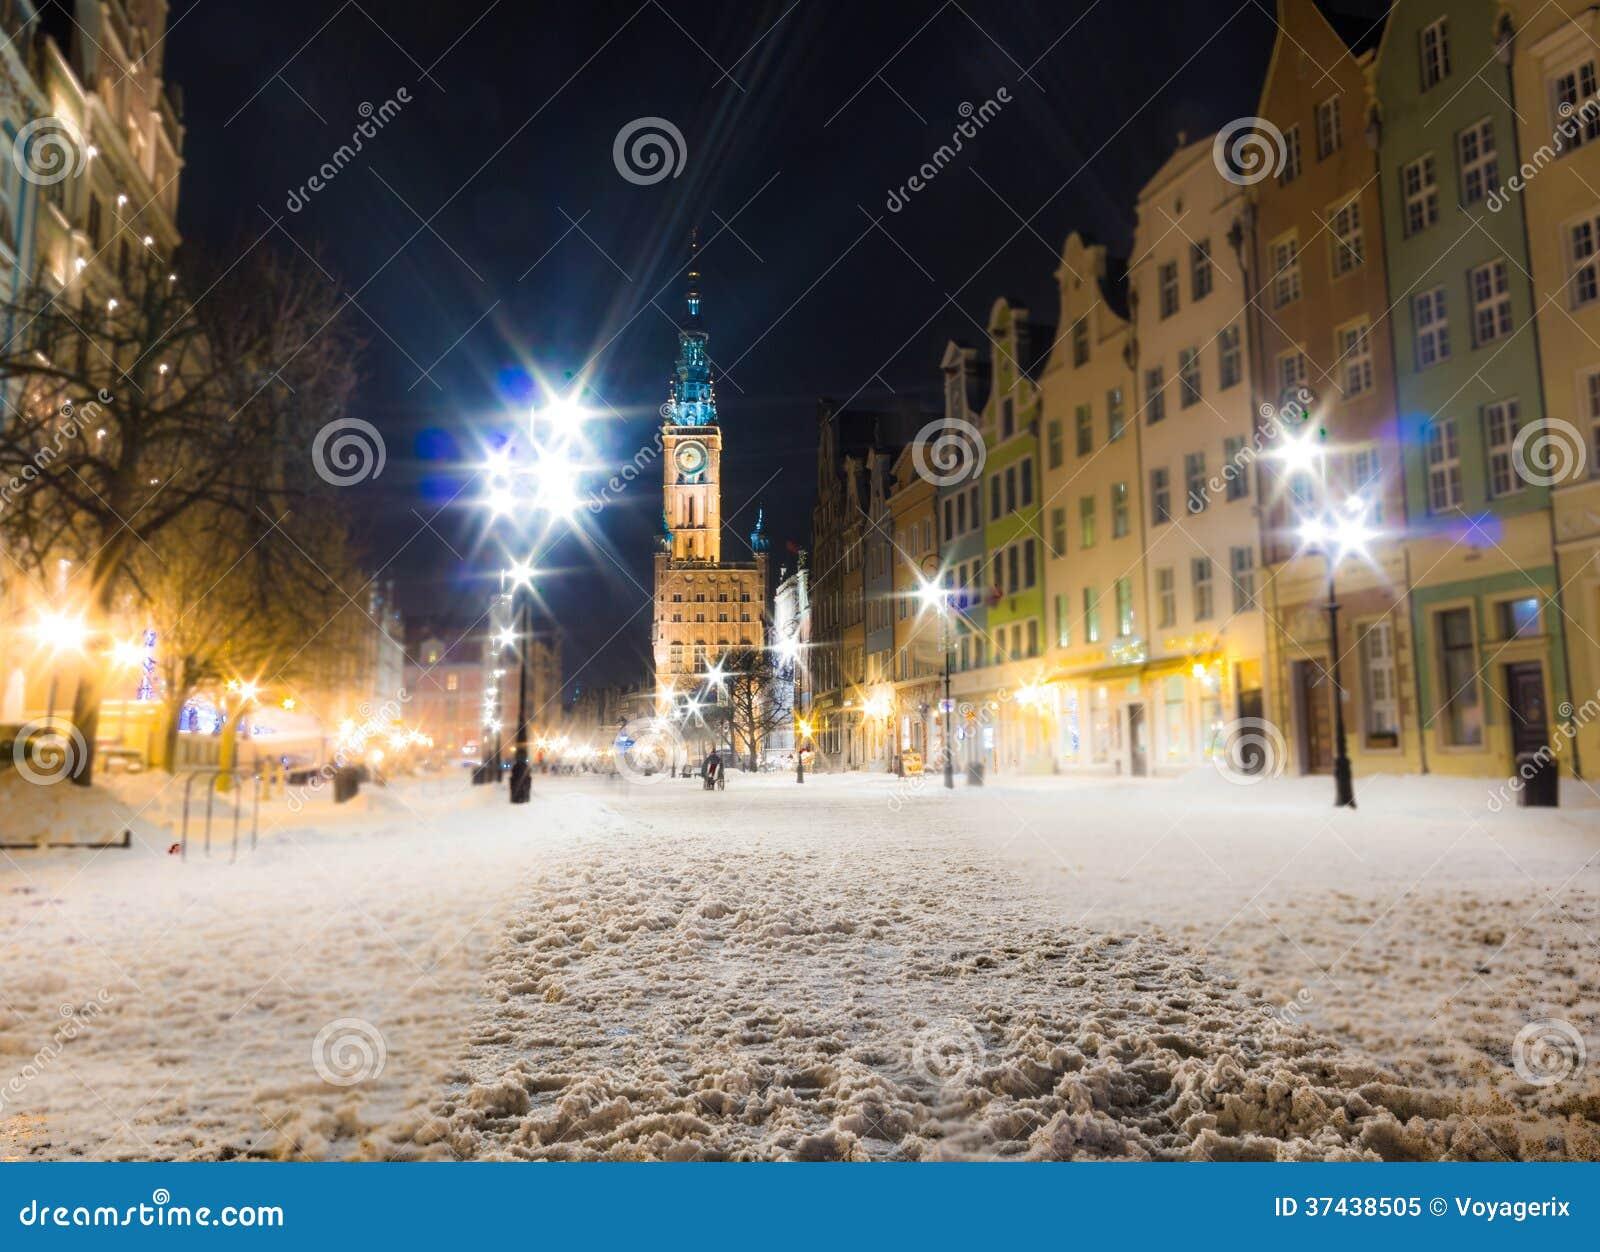 市政厅老镇格但斯克波兰欧洲.冬天夜风景.图片